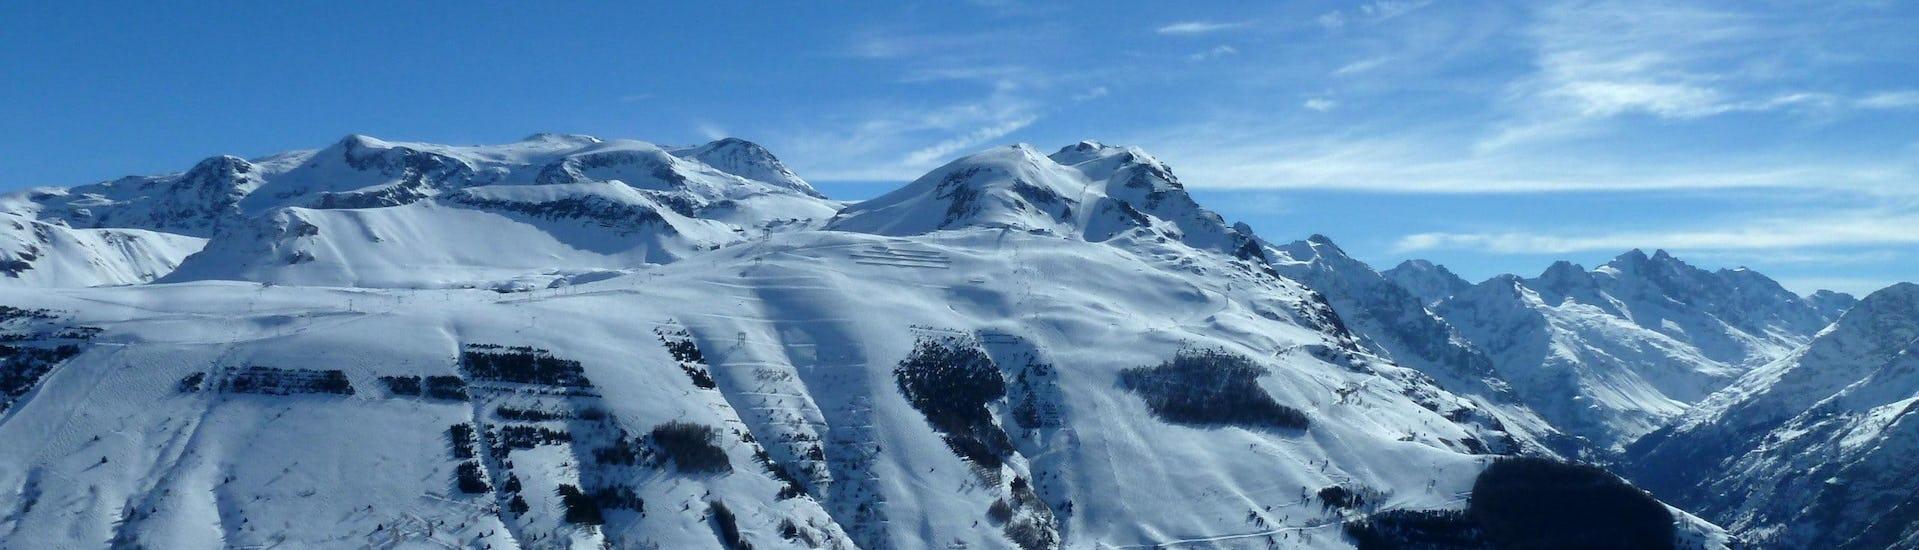 Ausblick auf die sonnige Berglandschaft beim Skifahren lernen mit den Skischulen in Les Deux Alpes.